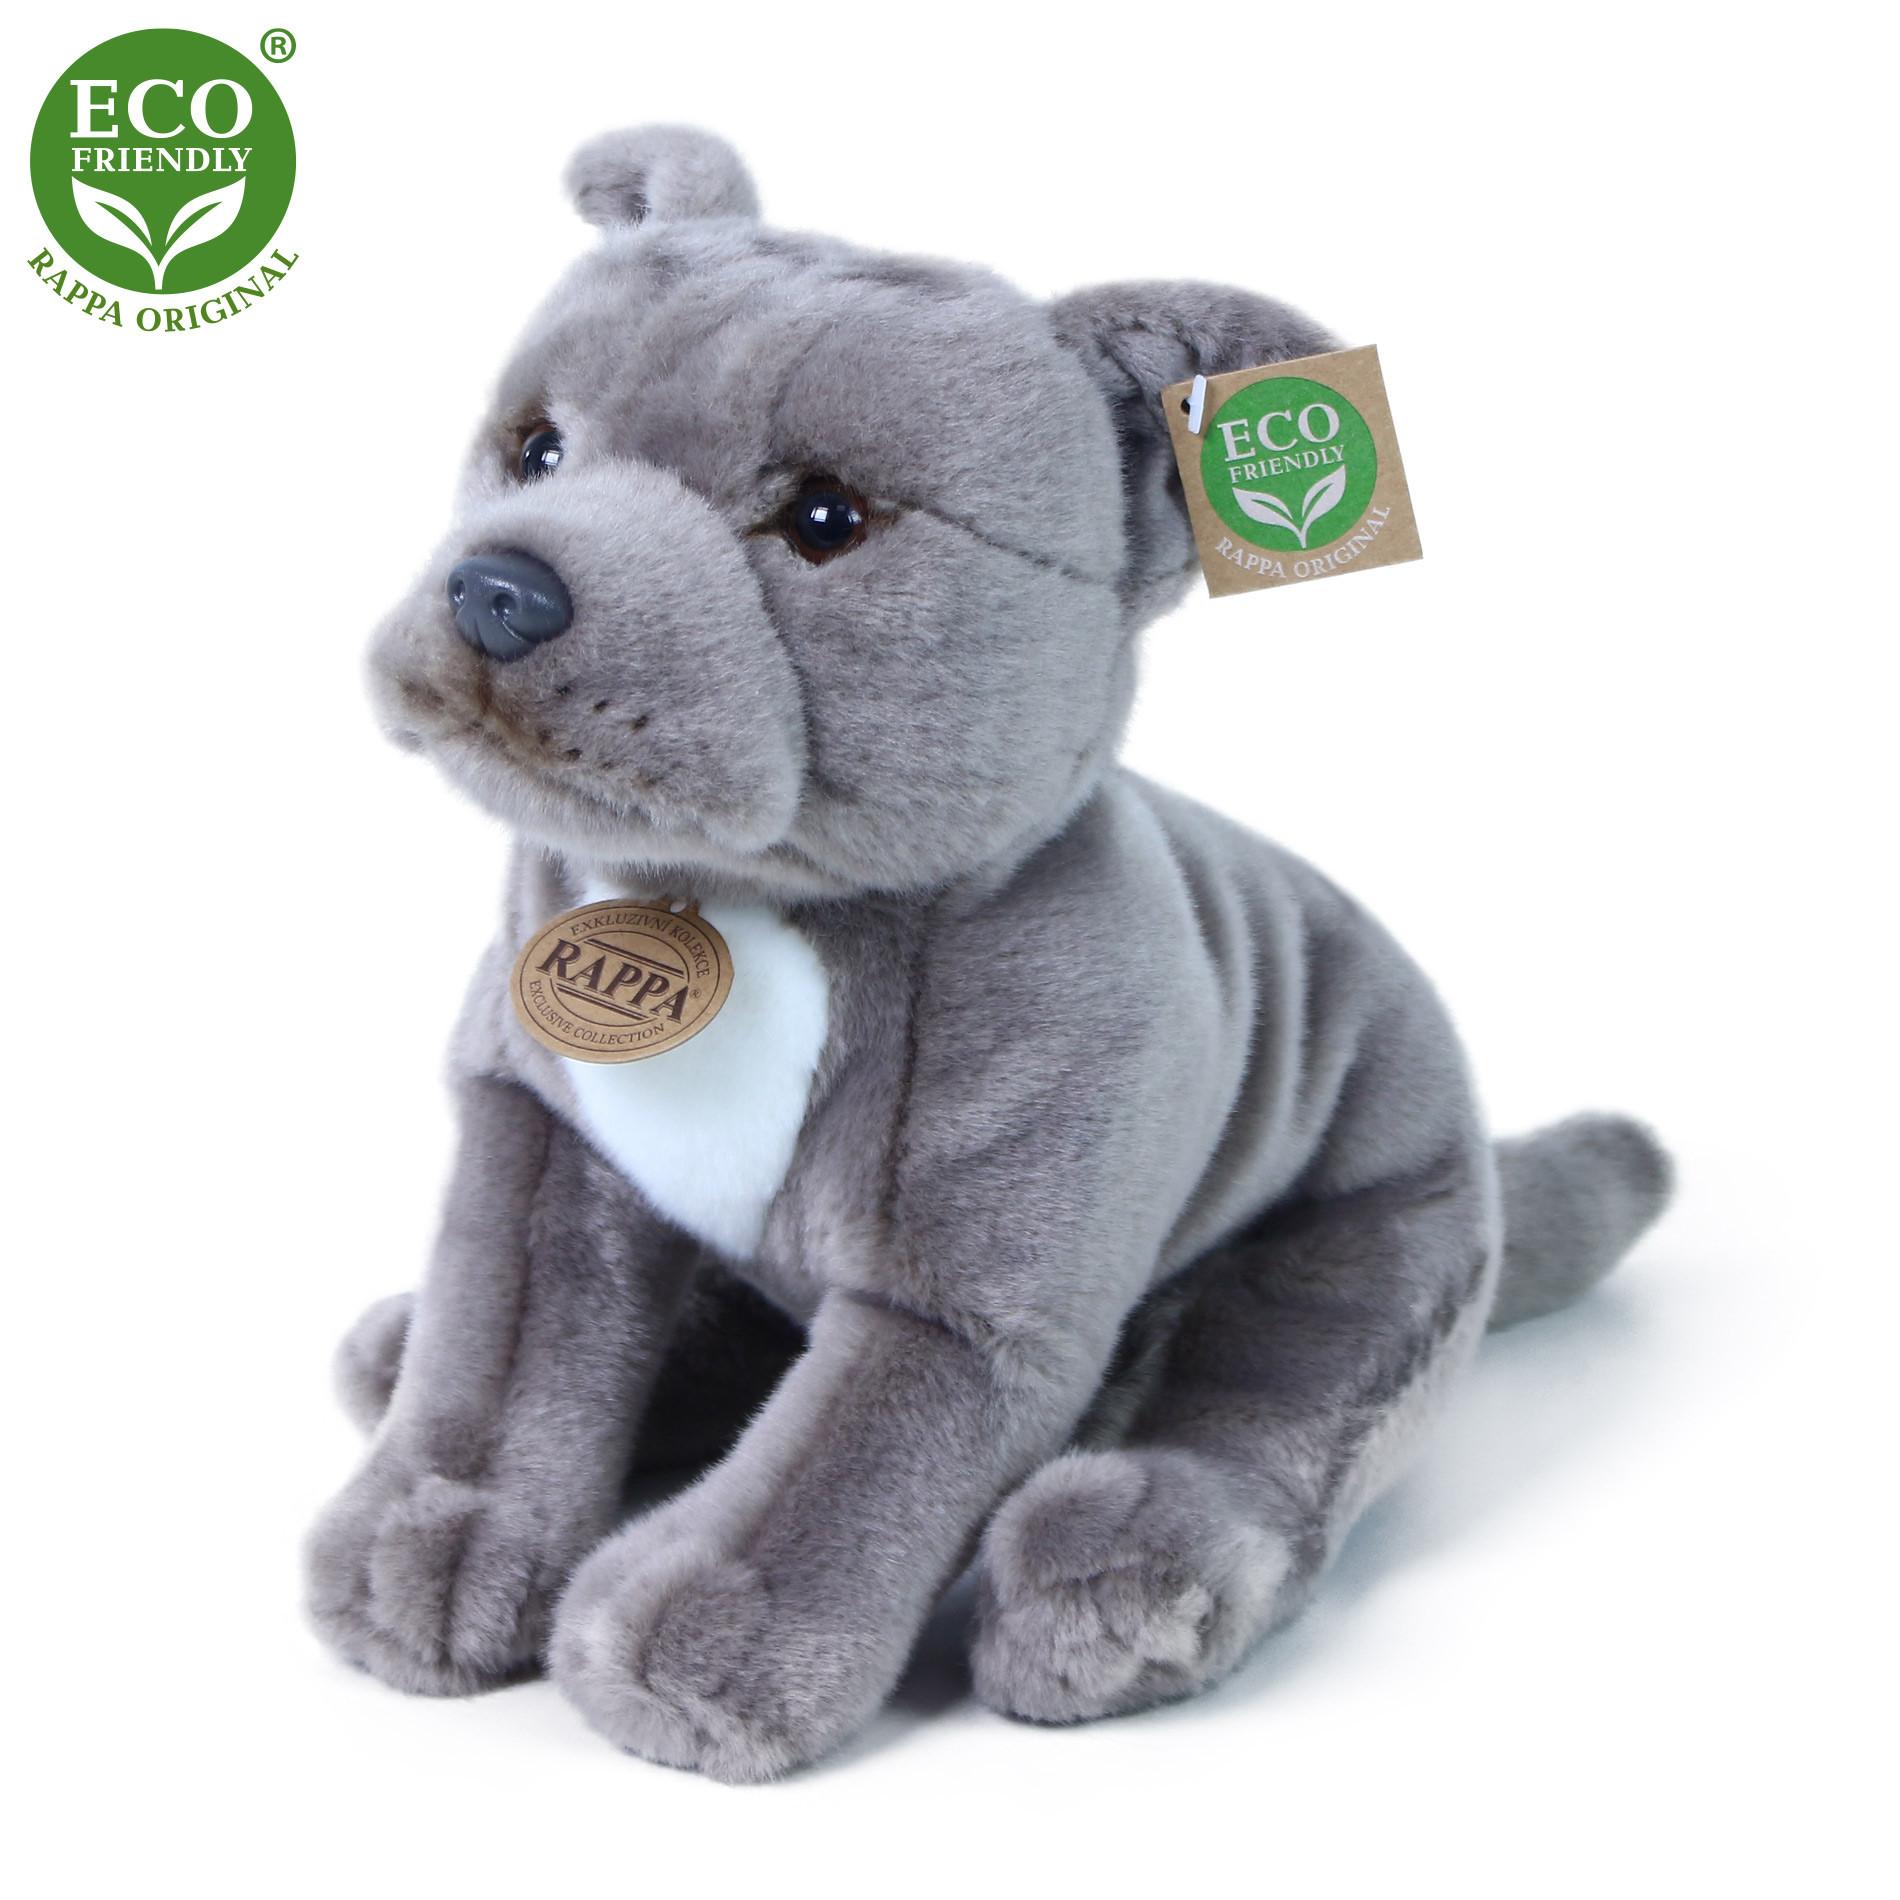 Plyšový pes stafordšírský bulteriér 30cm ECO-FRIENDLY